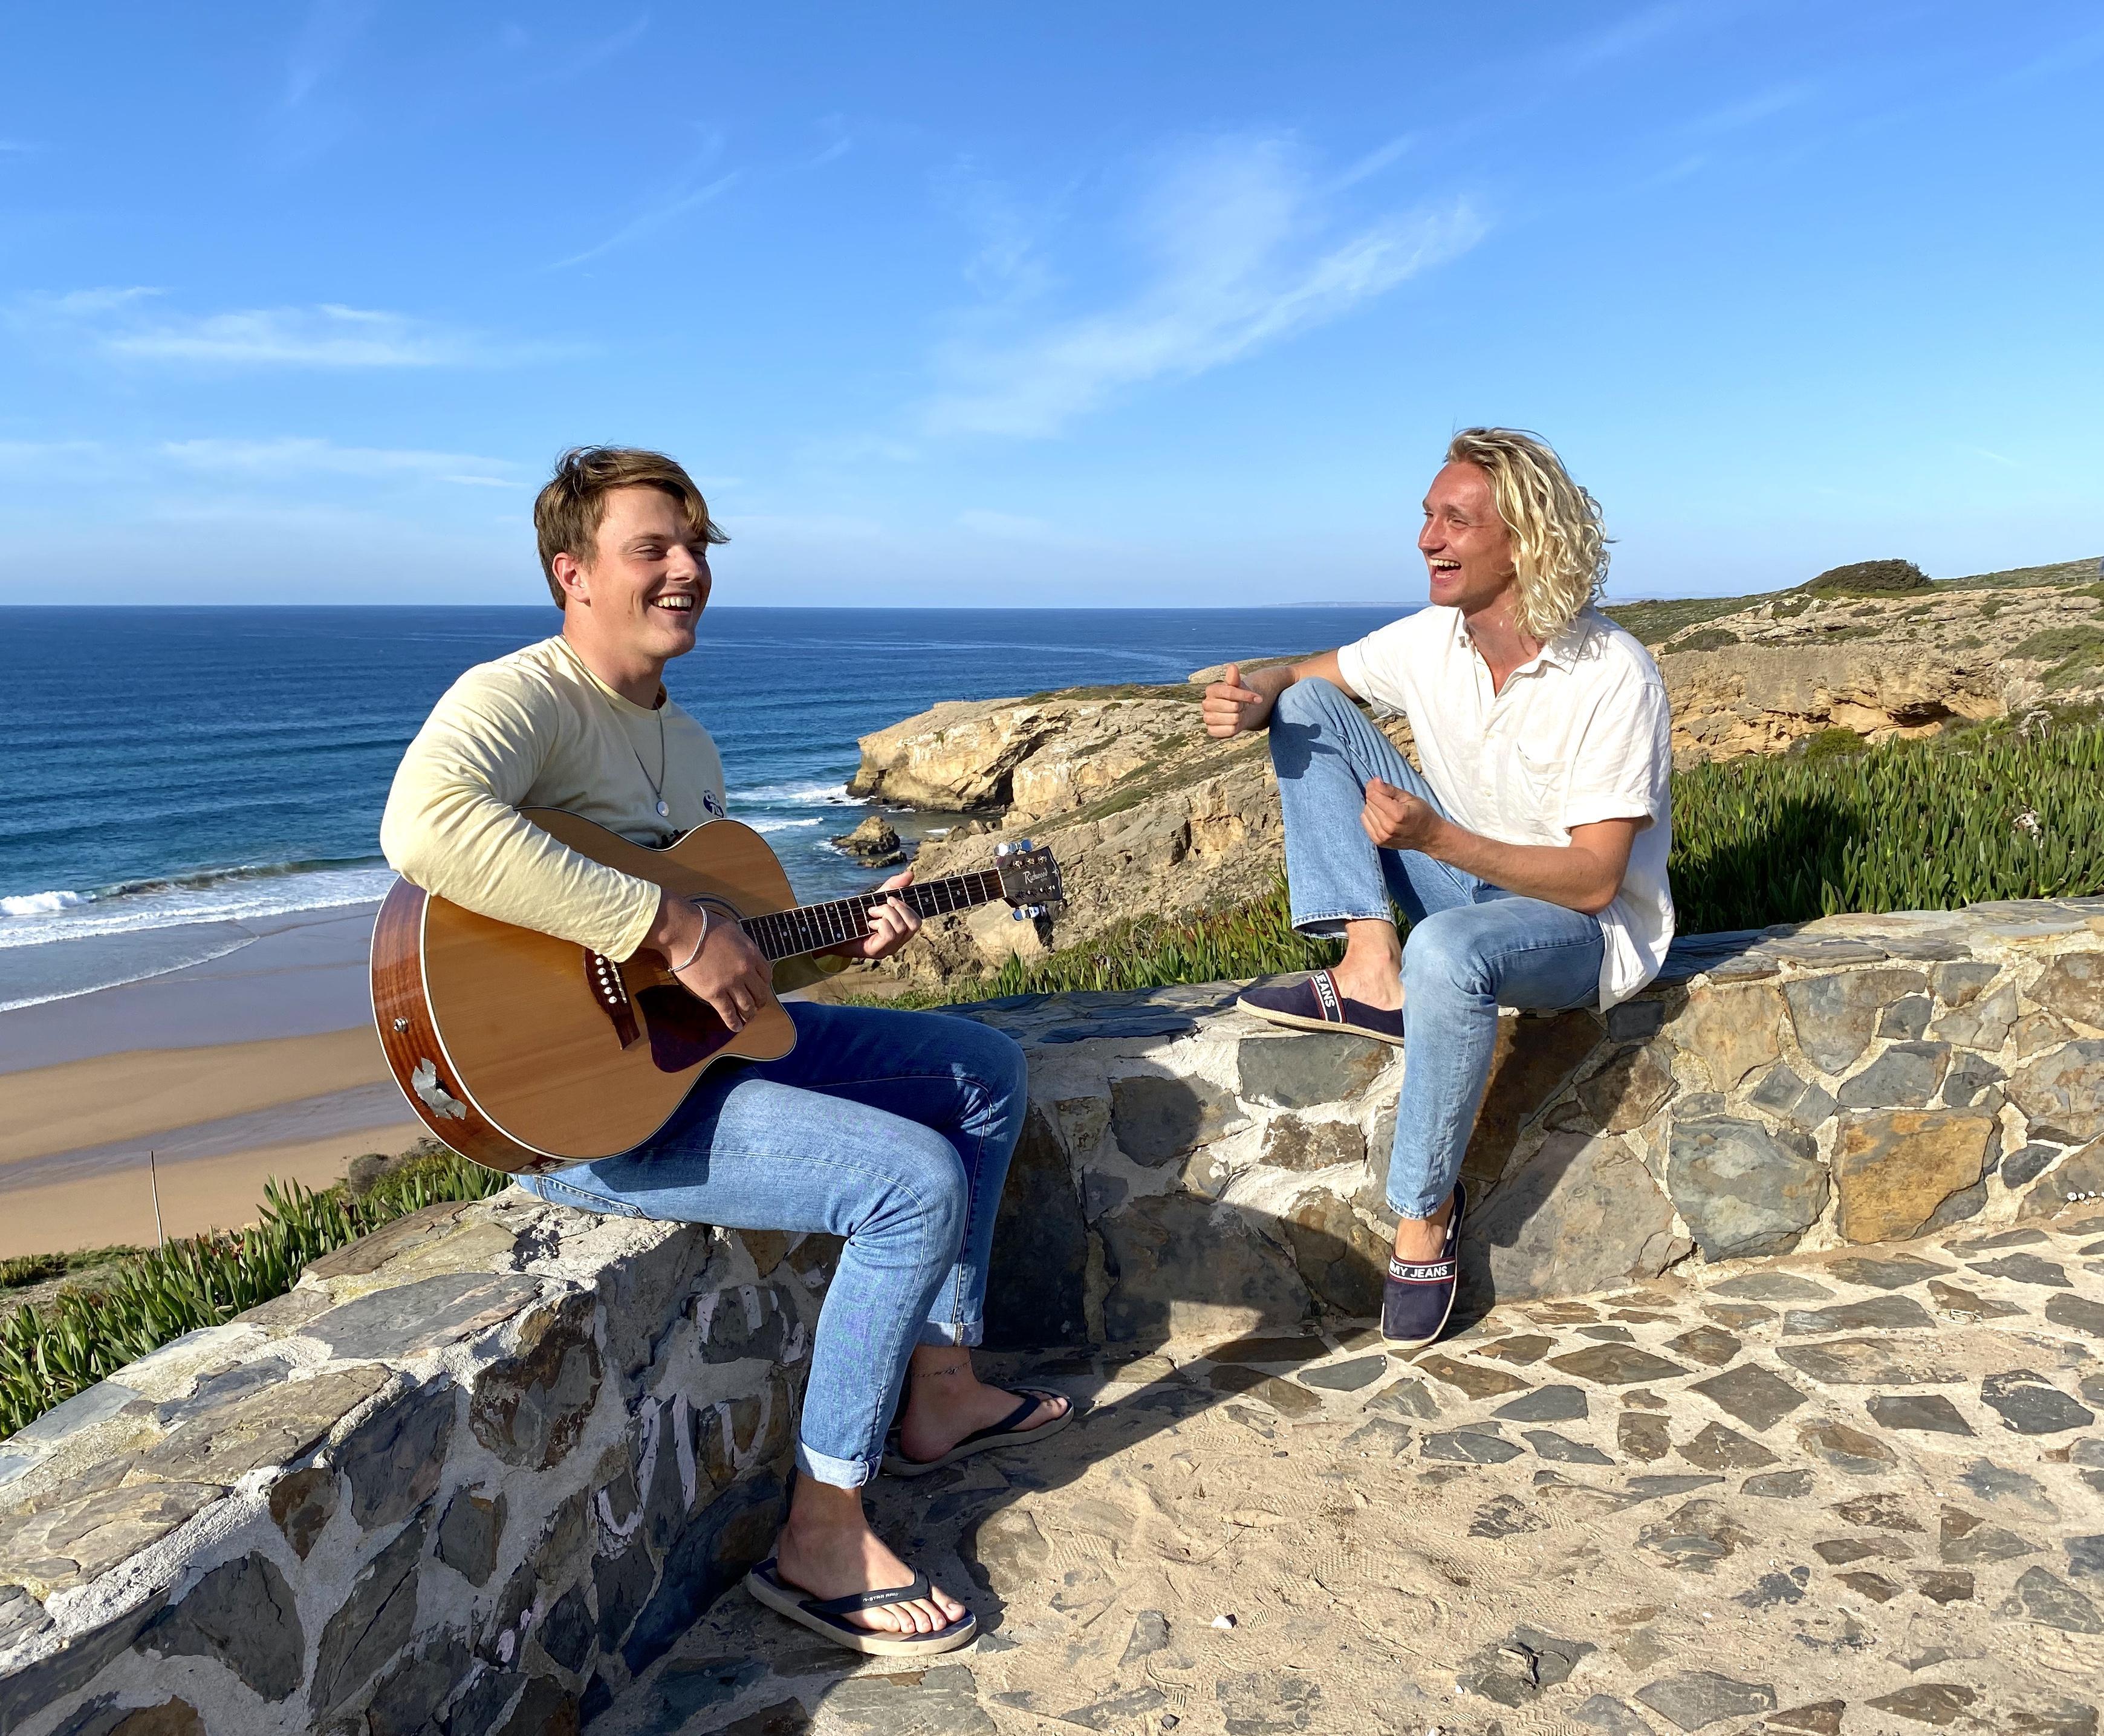 Geïnspireerd door de golven en de Portugese zon maken Castricummers Patrick en Sjoerd muziek in coronatijd